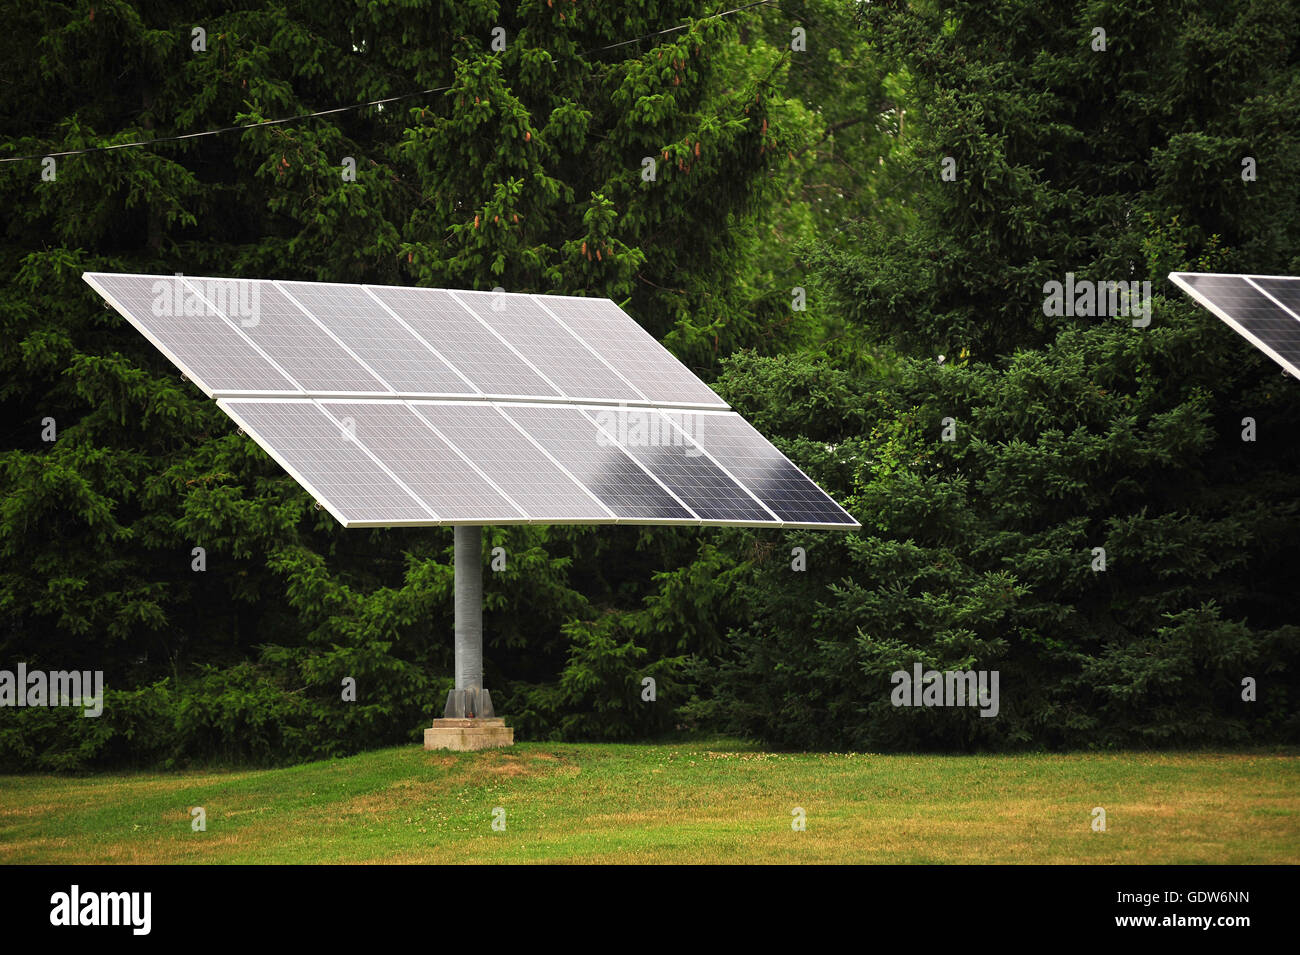 Una hoja de paneles solares en la ciudad canadiense de London, Ontario. Imagen De Stock